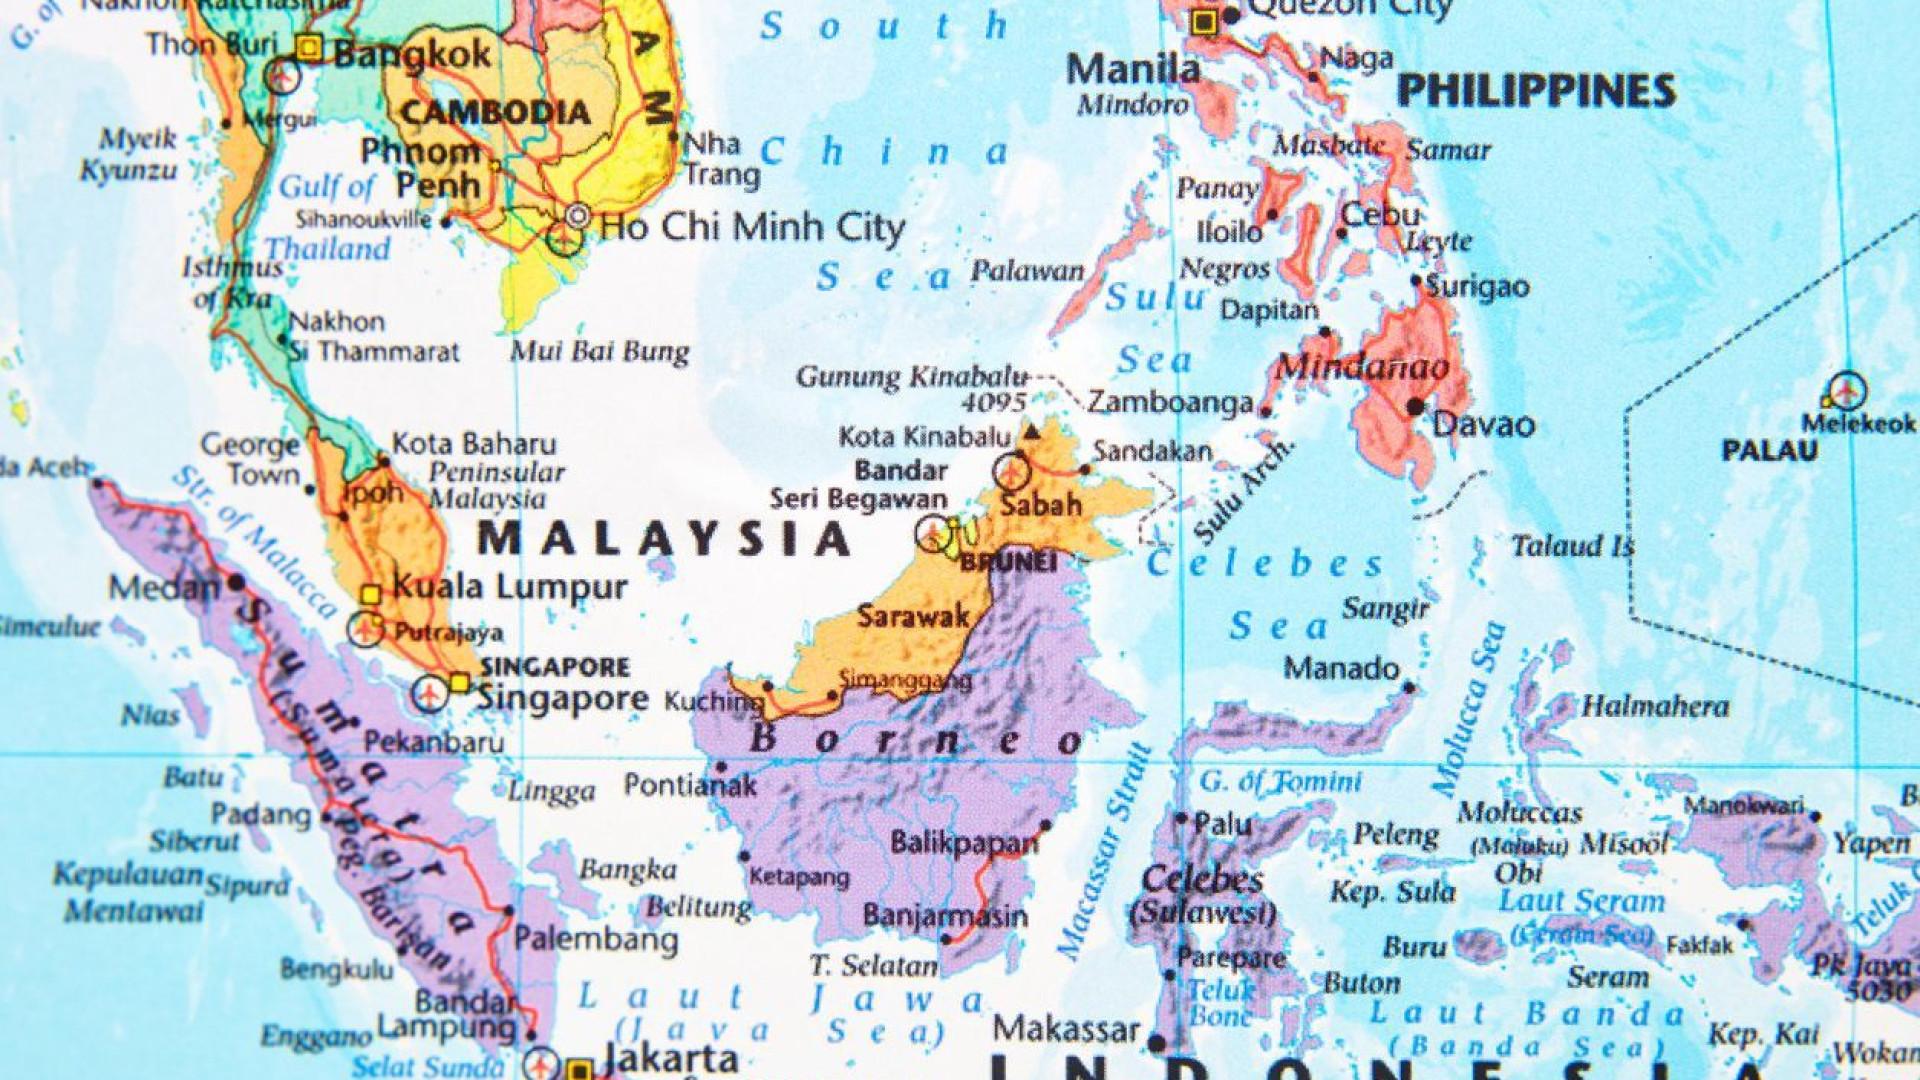 Diretor de escola islâmica acusado de violar nove crianças na Malásia